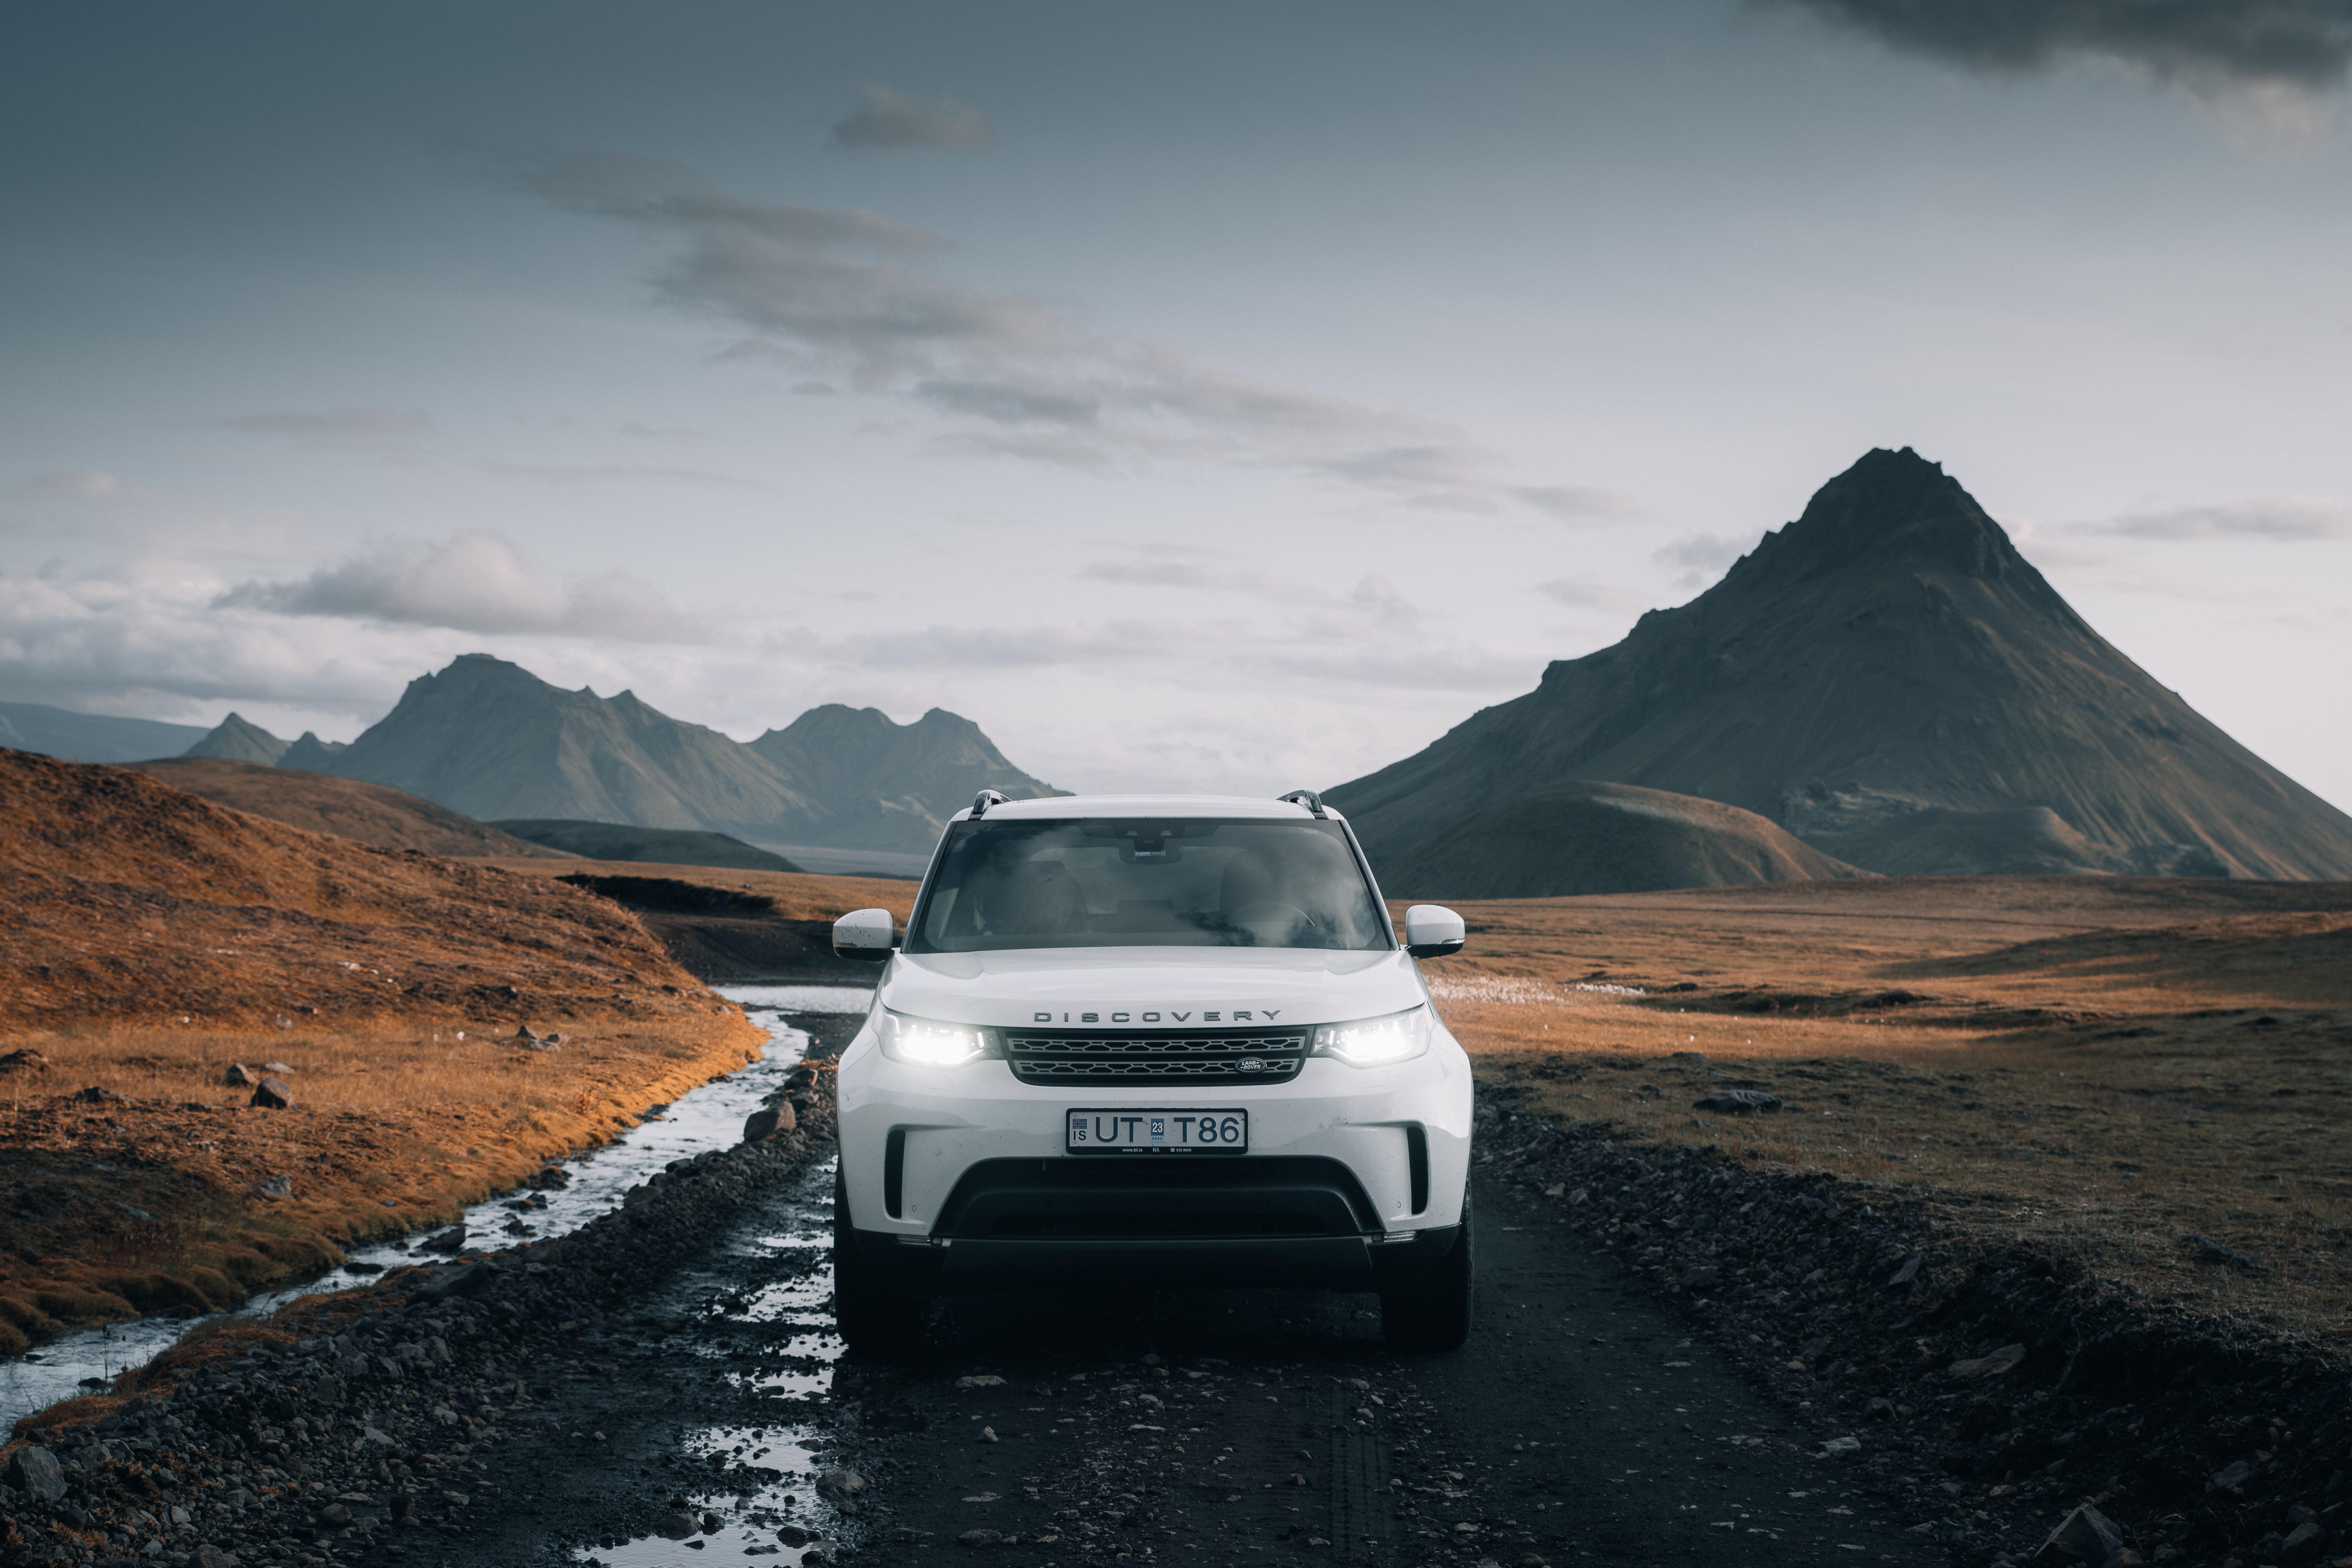 51958 Заставки и Обои Вид Спереди на телефон. Скачать Вид Спереди, Ленд Ровер (Land Rover), Тачки (Cars), Автомобиль, Внедорожник, Белый, Land Rover Discovery картинки бесплатно